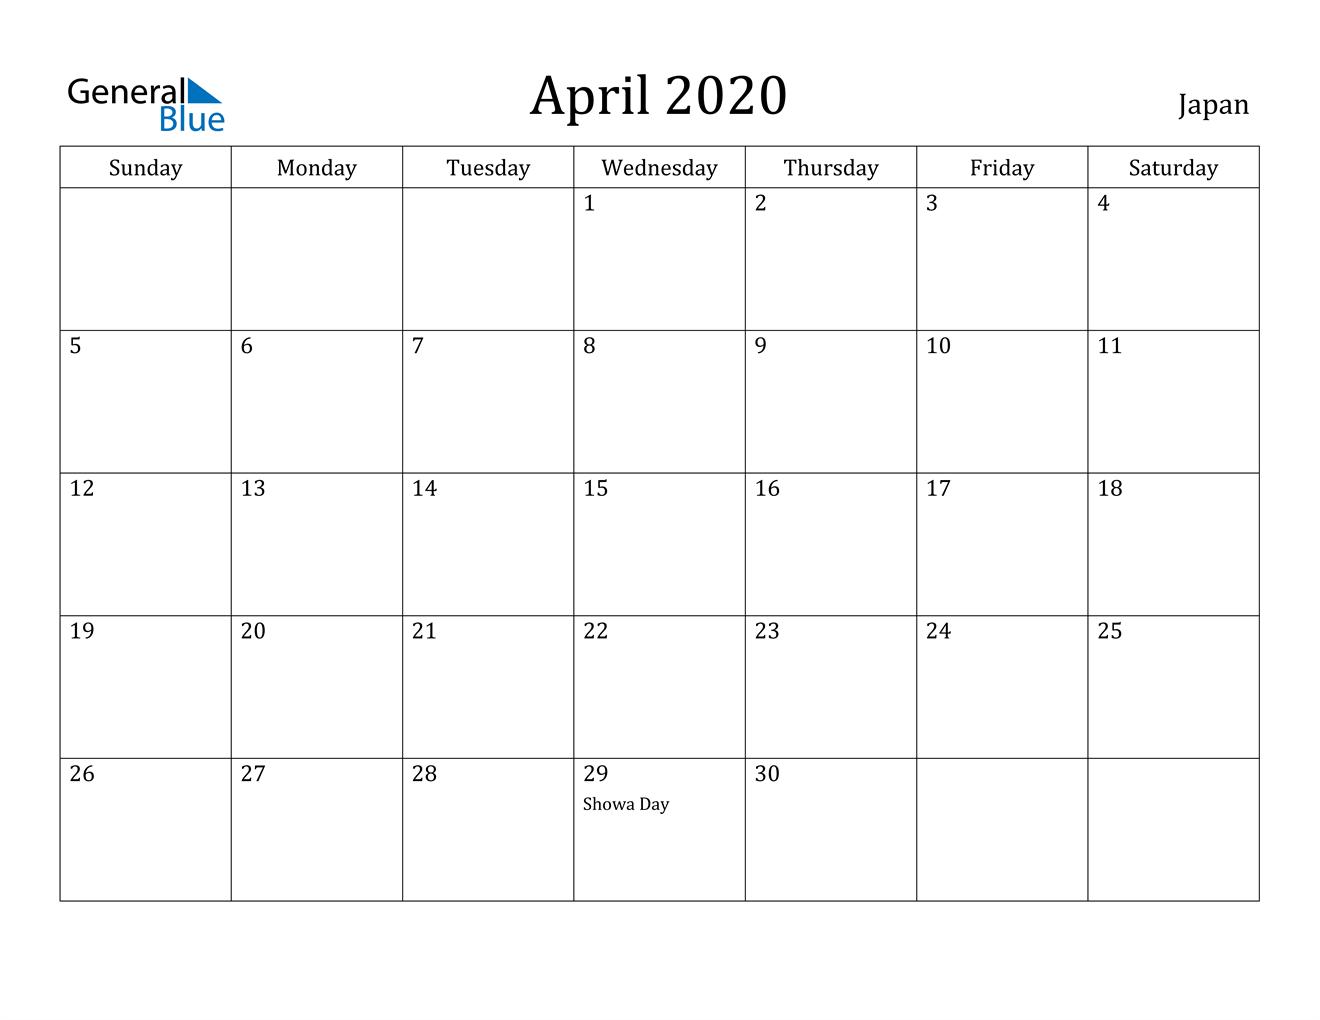 Image of April 2020 Japan Calendar with Holidays Calendar